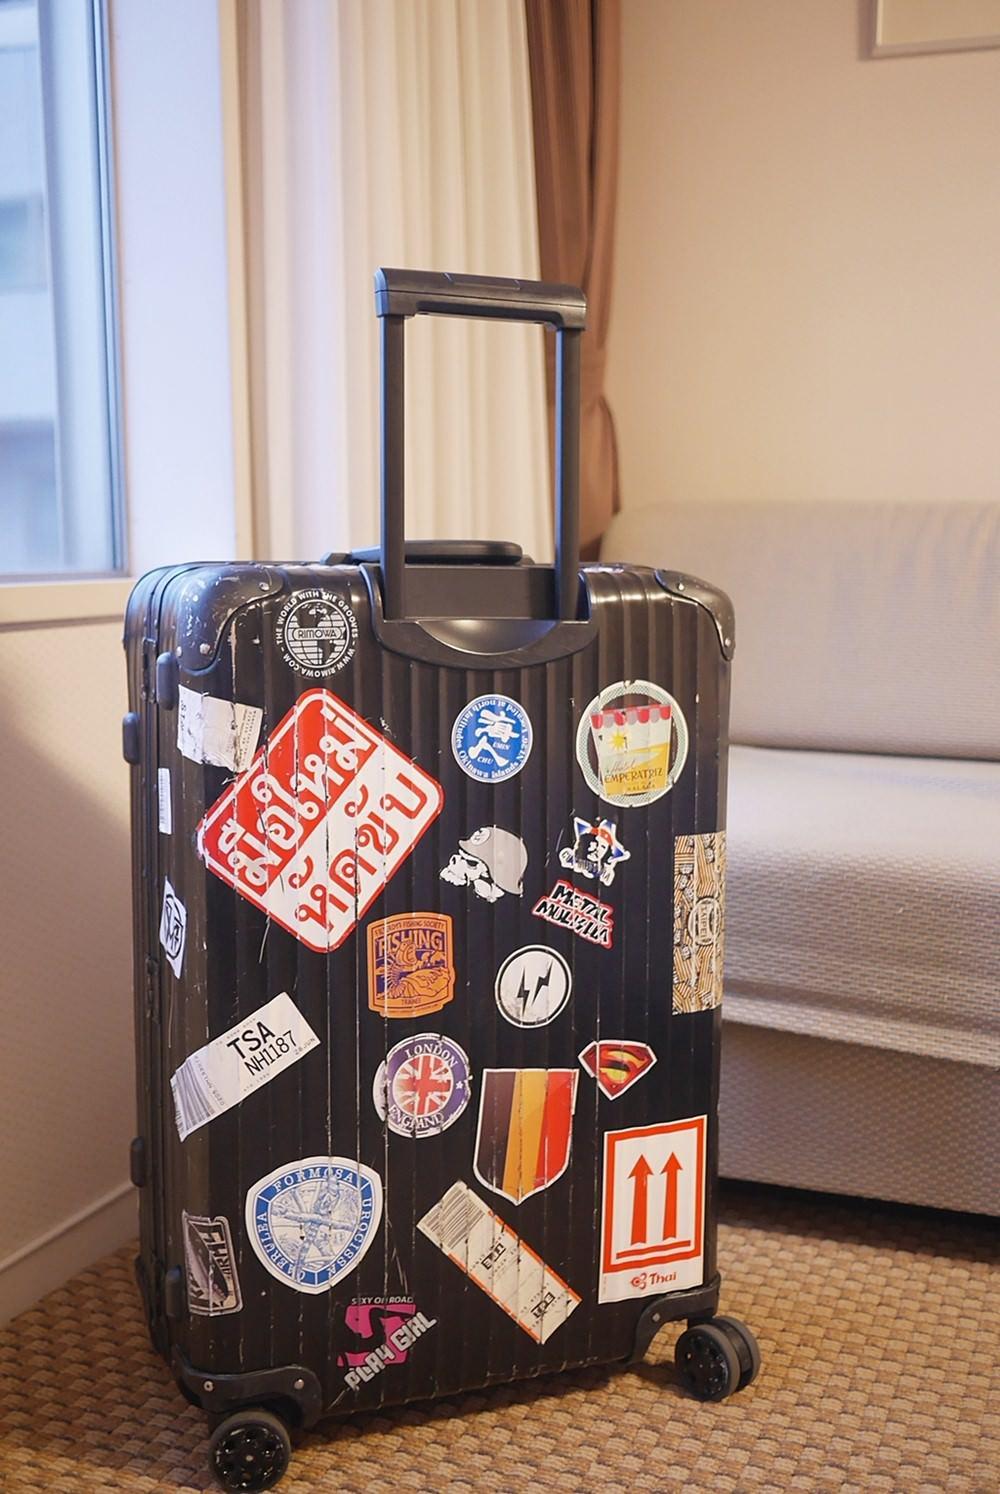 日本旅遊,冬季旅遊行前準備,雪地穿搭,日本東北旅行,保暖穿搭,599